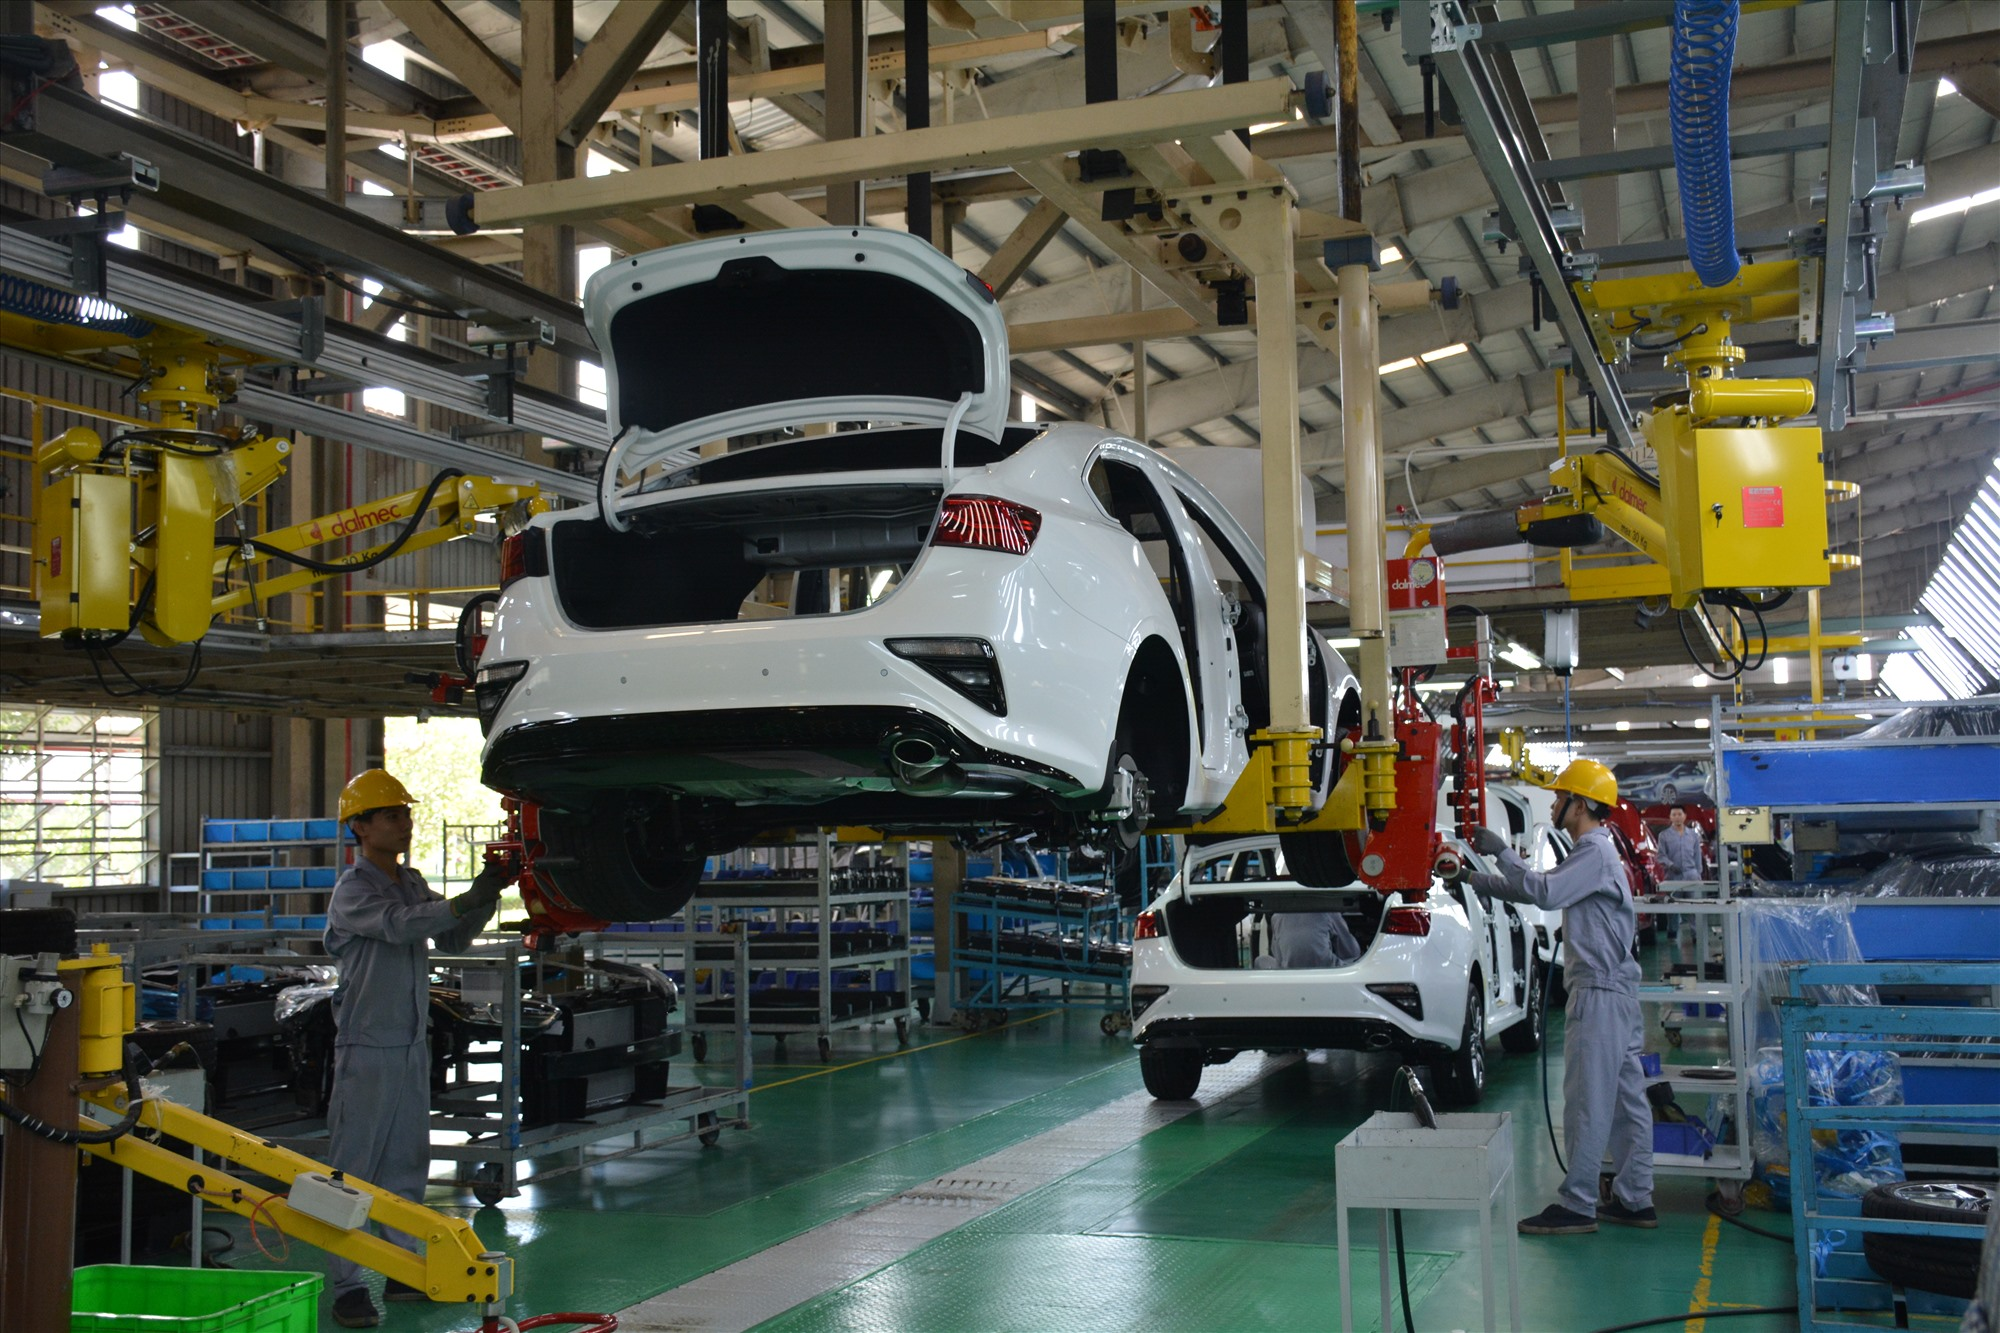 Ô tô sản xuất, lắp ráp trong nước được gia hạn thuế. Ảnh: H.D